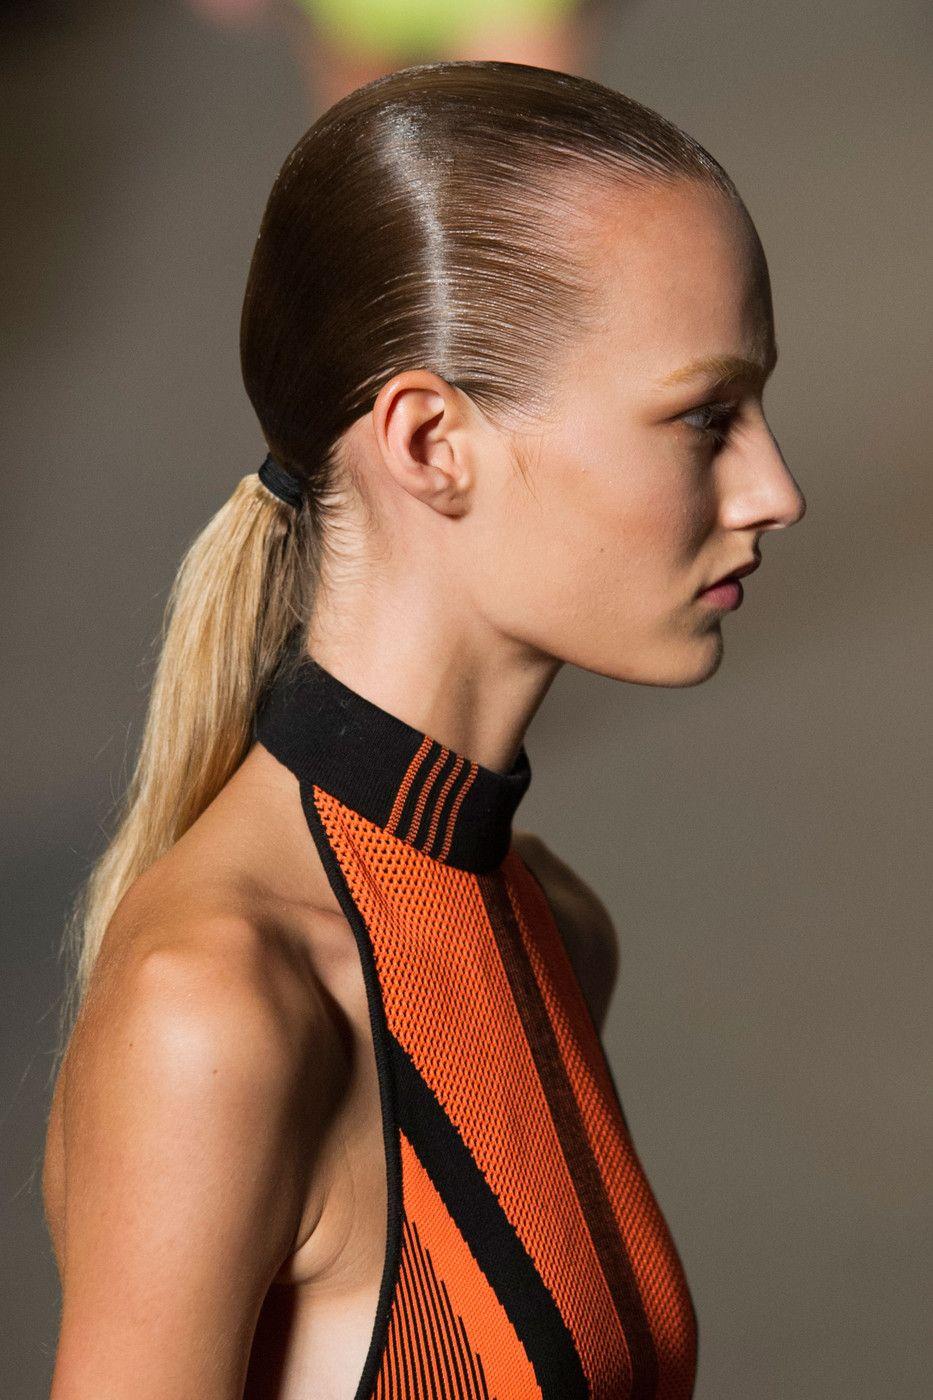 Alexander Wang At New York Spring 2015 Details Sleek Hairstyles Wet Look Hair Hot Hair Styles